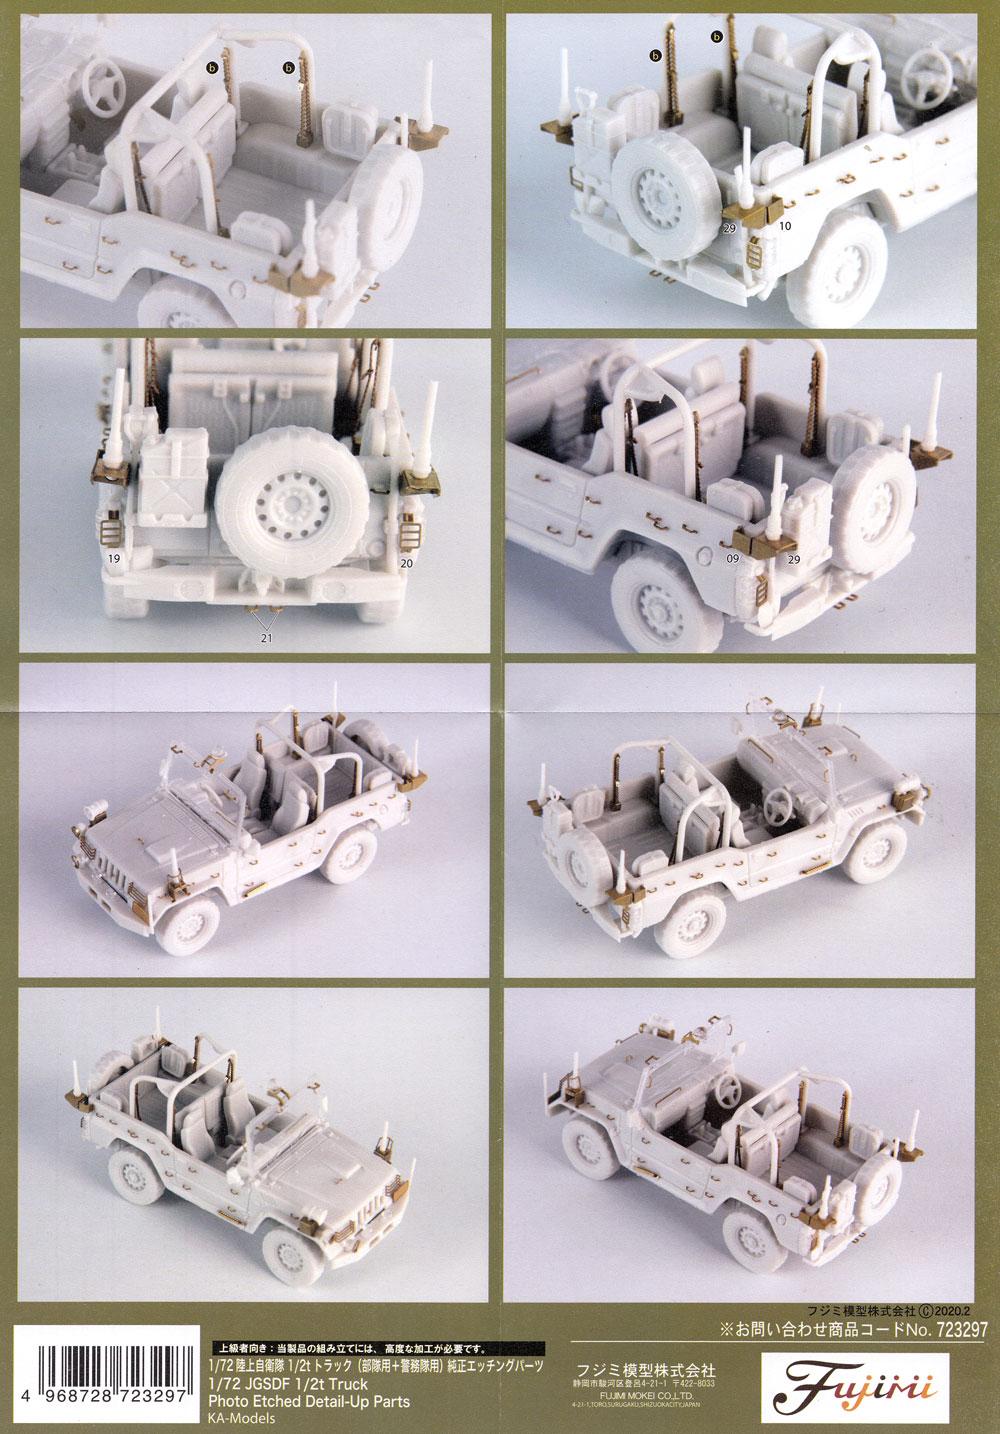 陸上自衛隊 1/2t トラック (部隊用+警務隊用) 純正エッチングパーツエッチング(フジミ1/72 ミリタリーシリーズNo.ML-205)商品画像_4